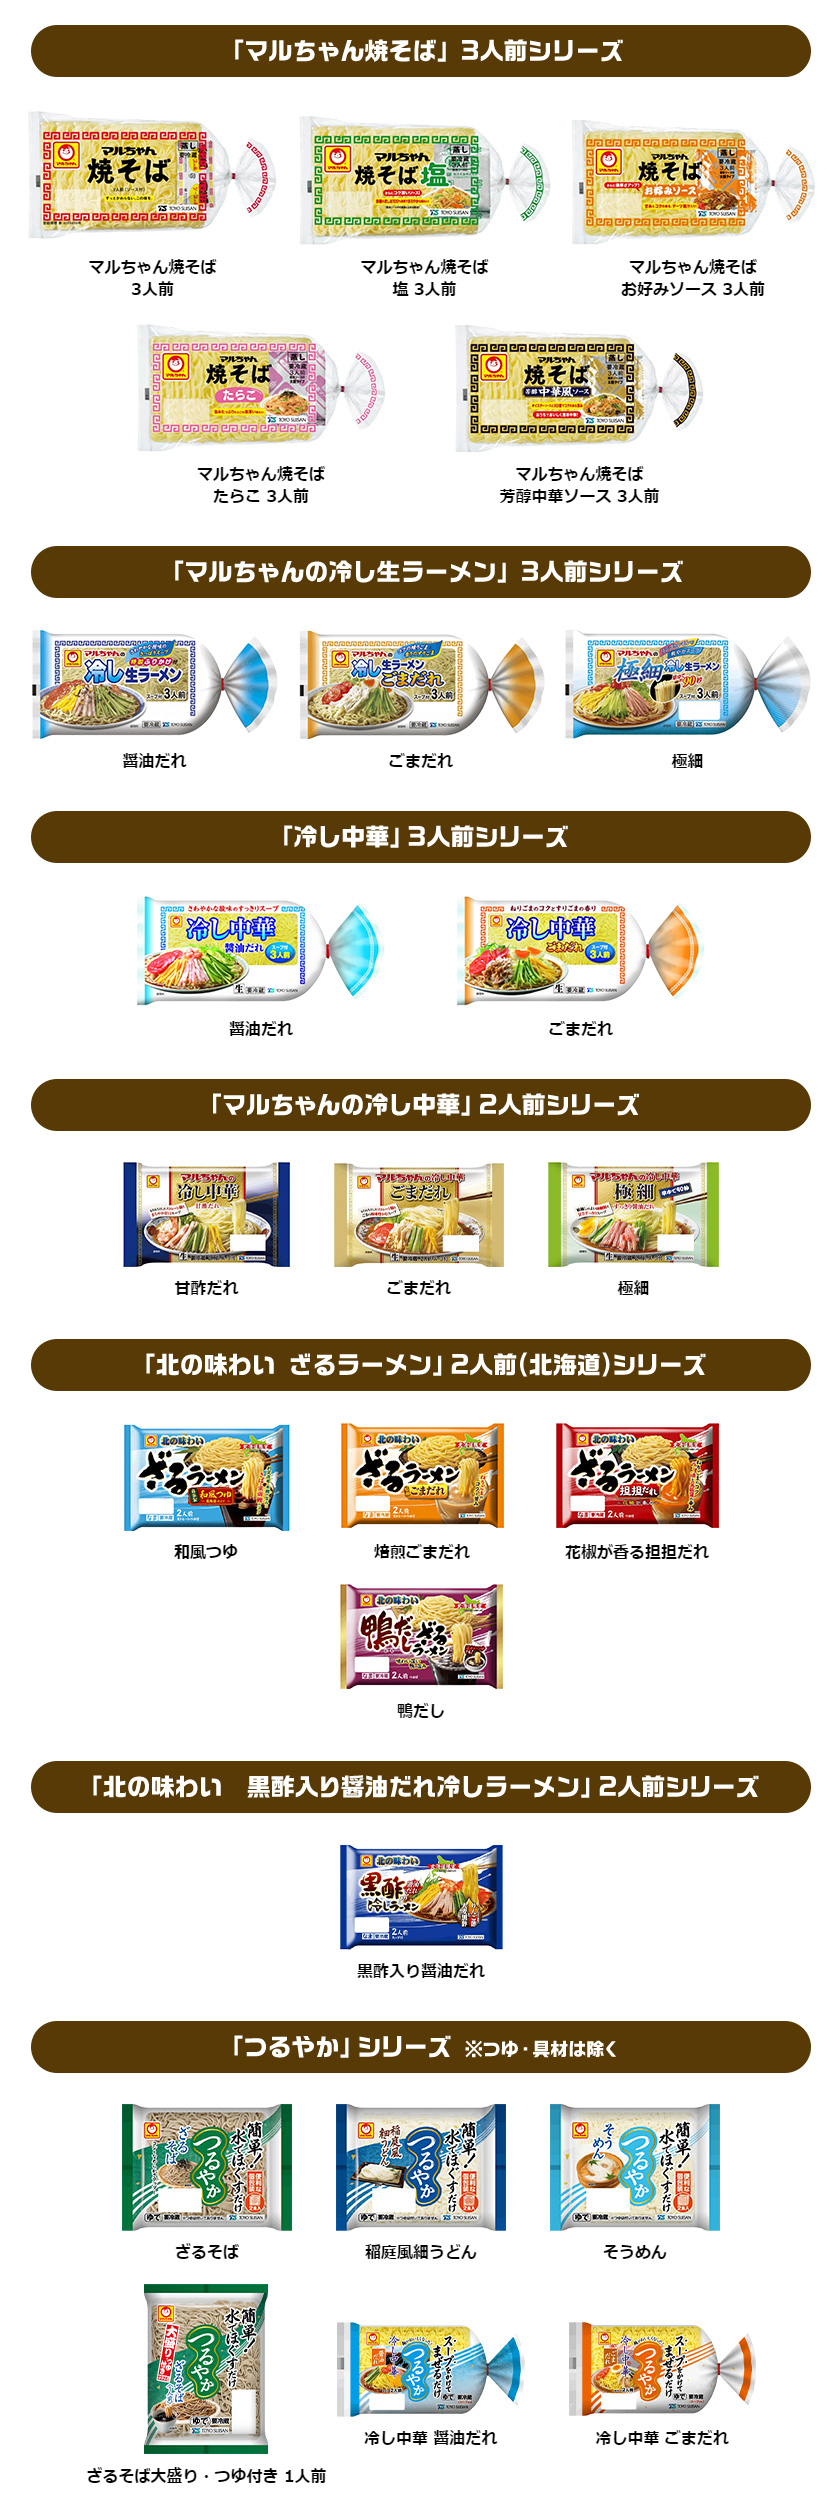 マルちゃん ポケモン懸賞キャンペーン2020夏 対象商品